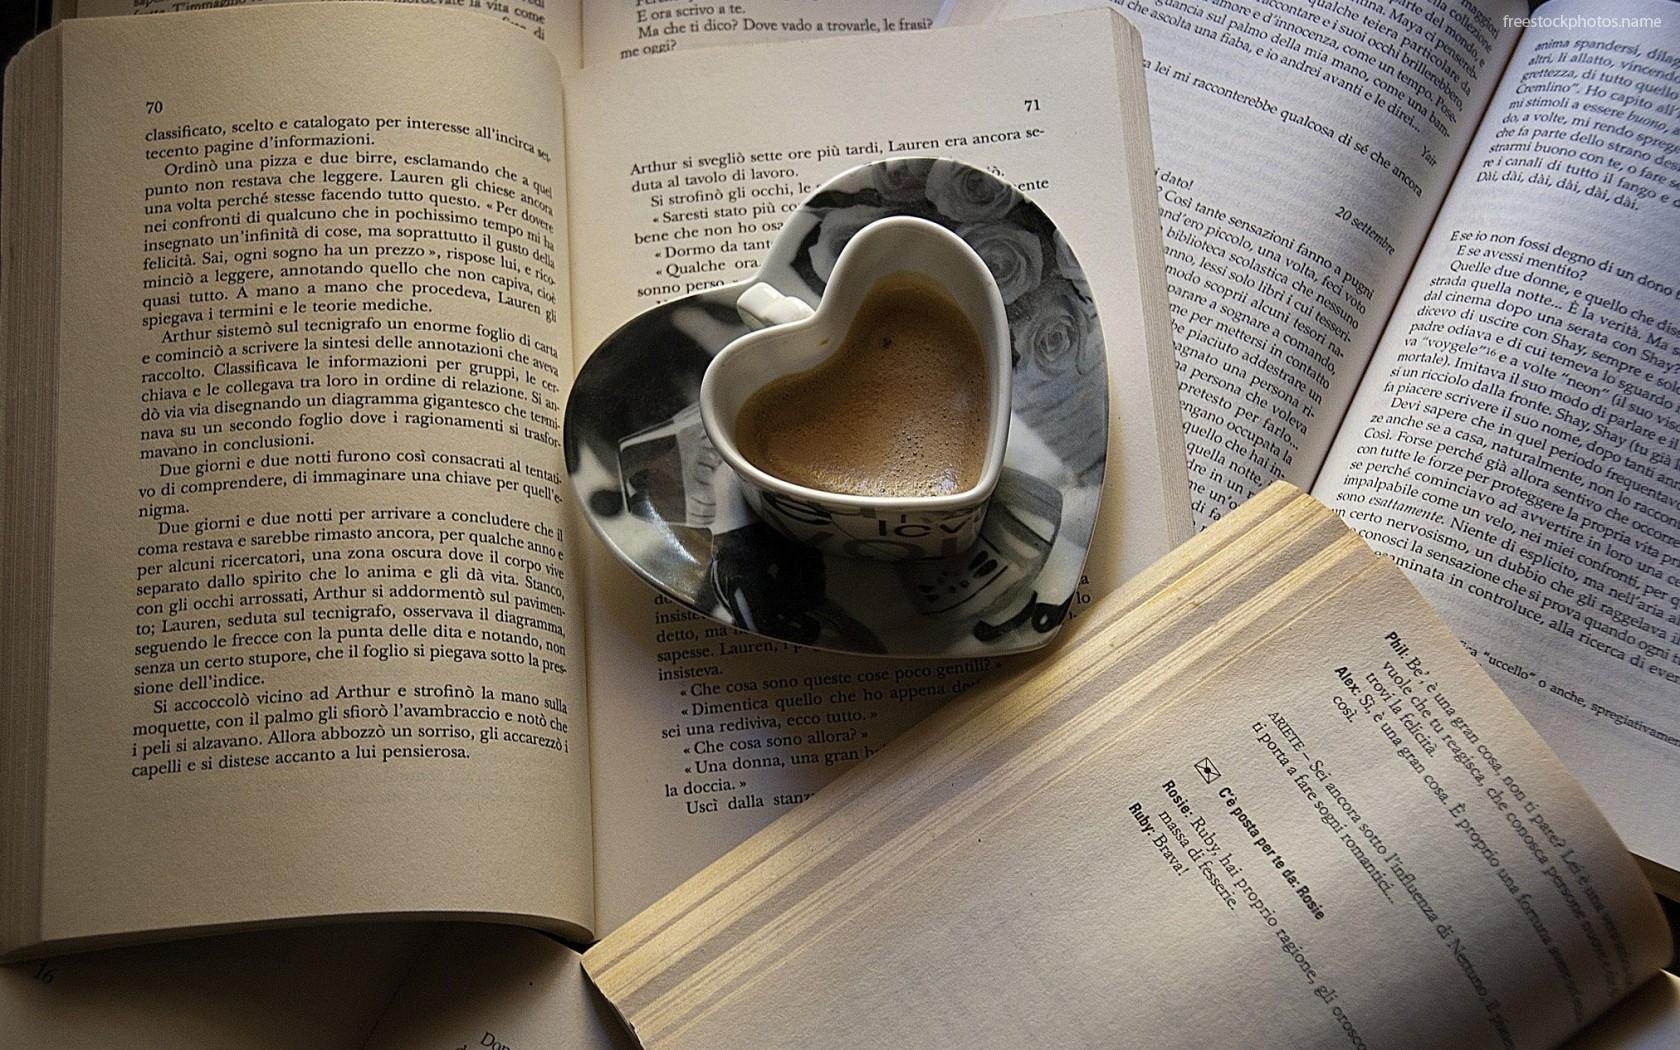 دنیای تلخ و بی مثال قهوه ها! دنیای خوشبوترین نوشیدنی